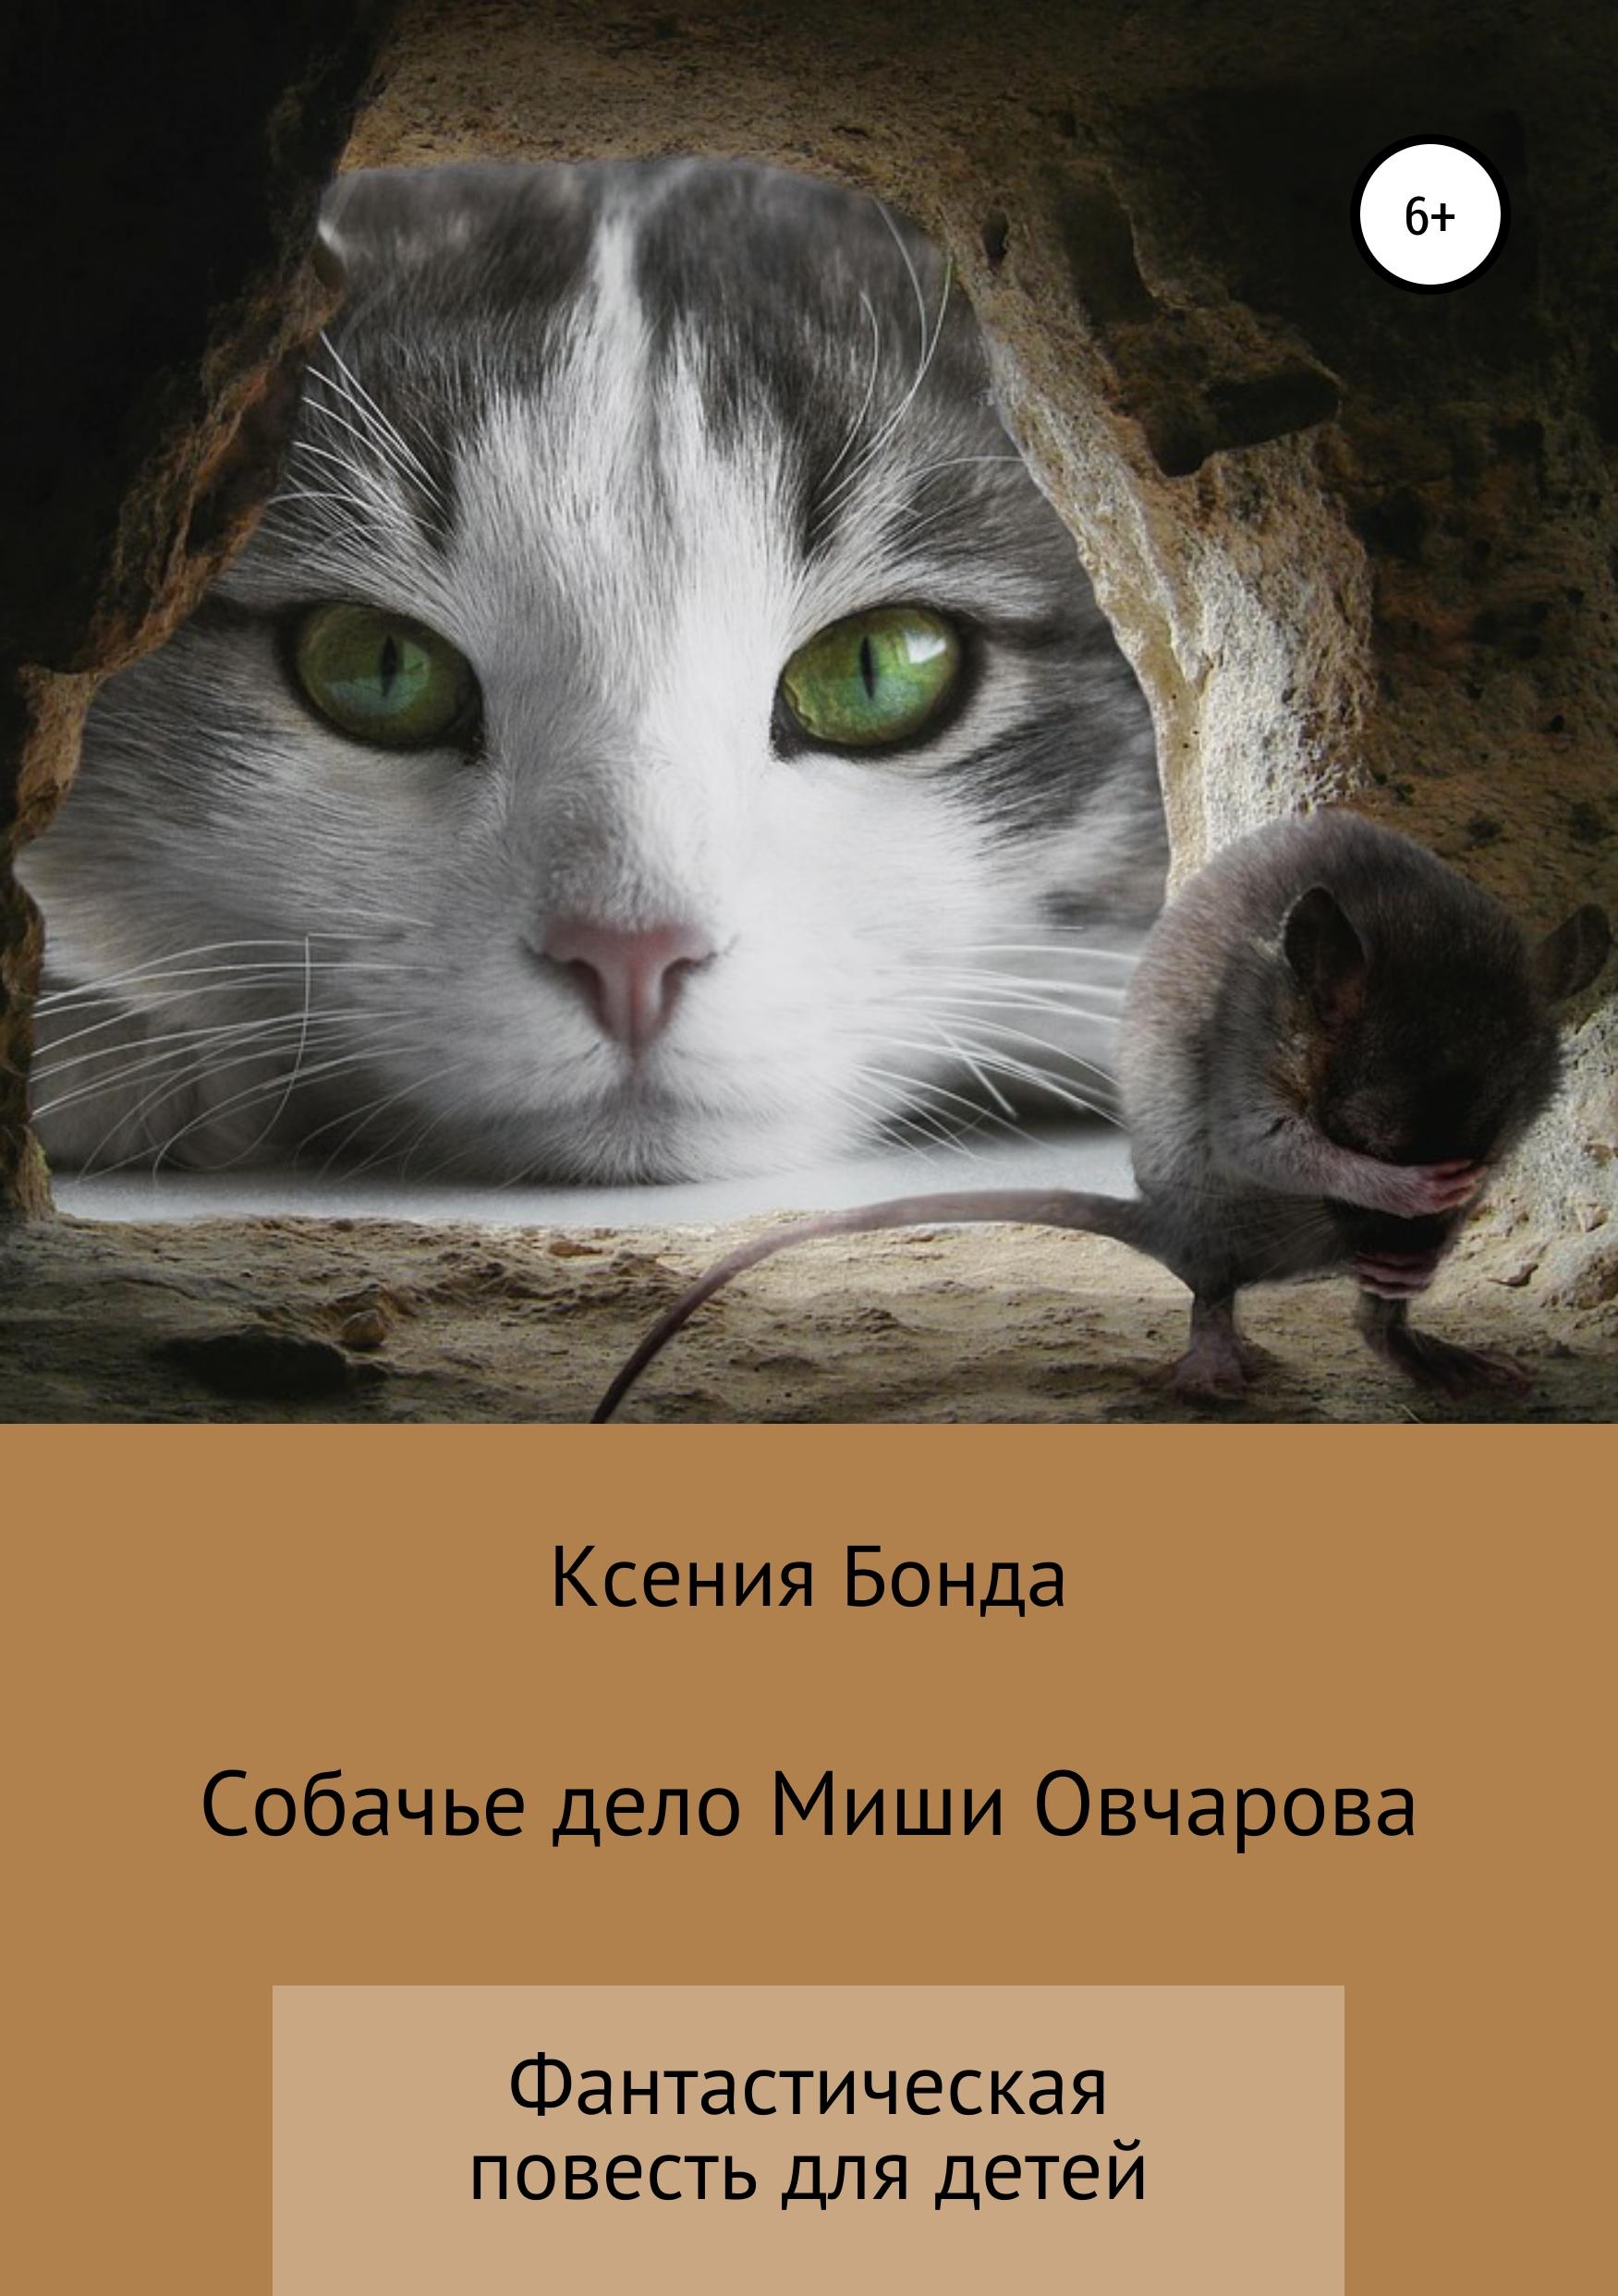 Ксения Бонда Собачье дело Миши Овчарова